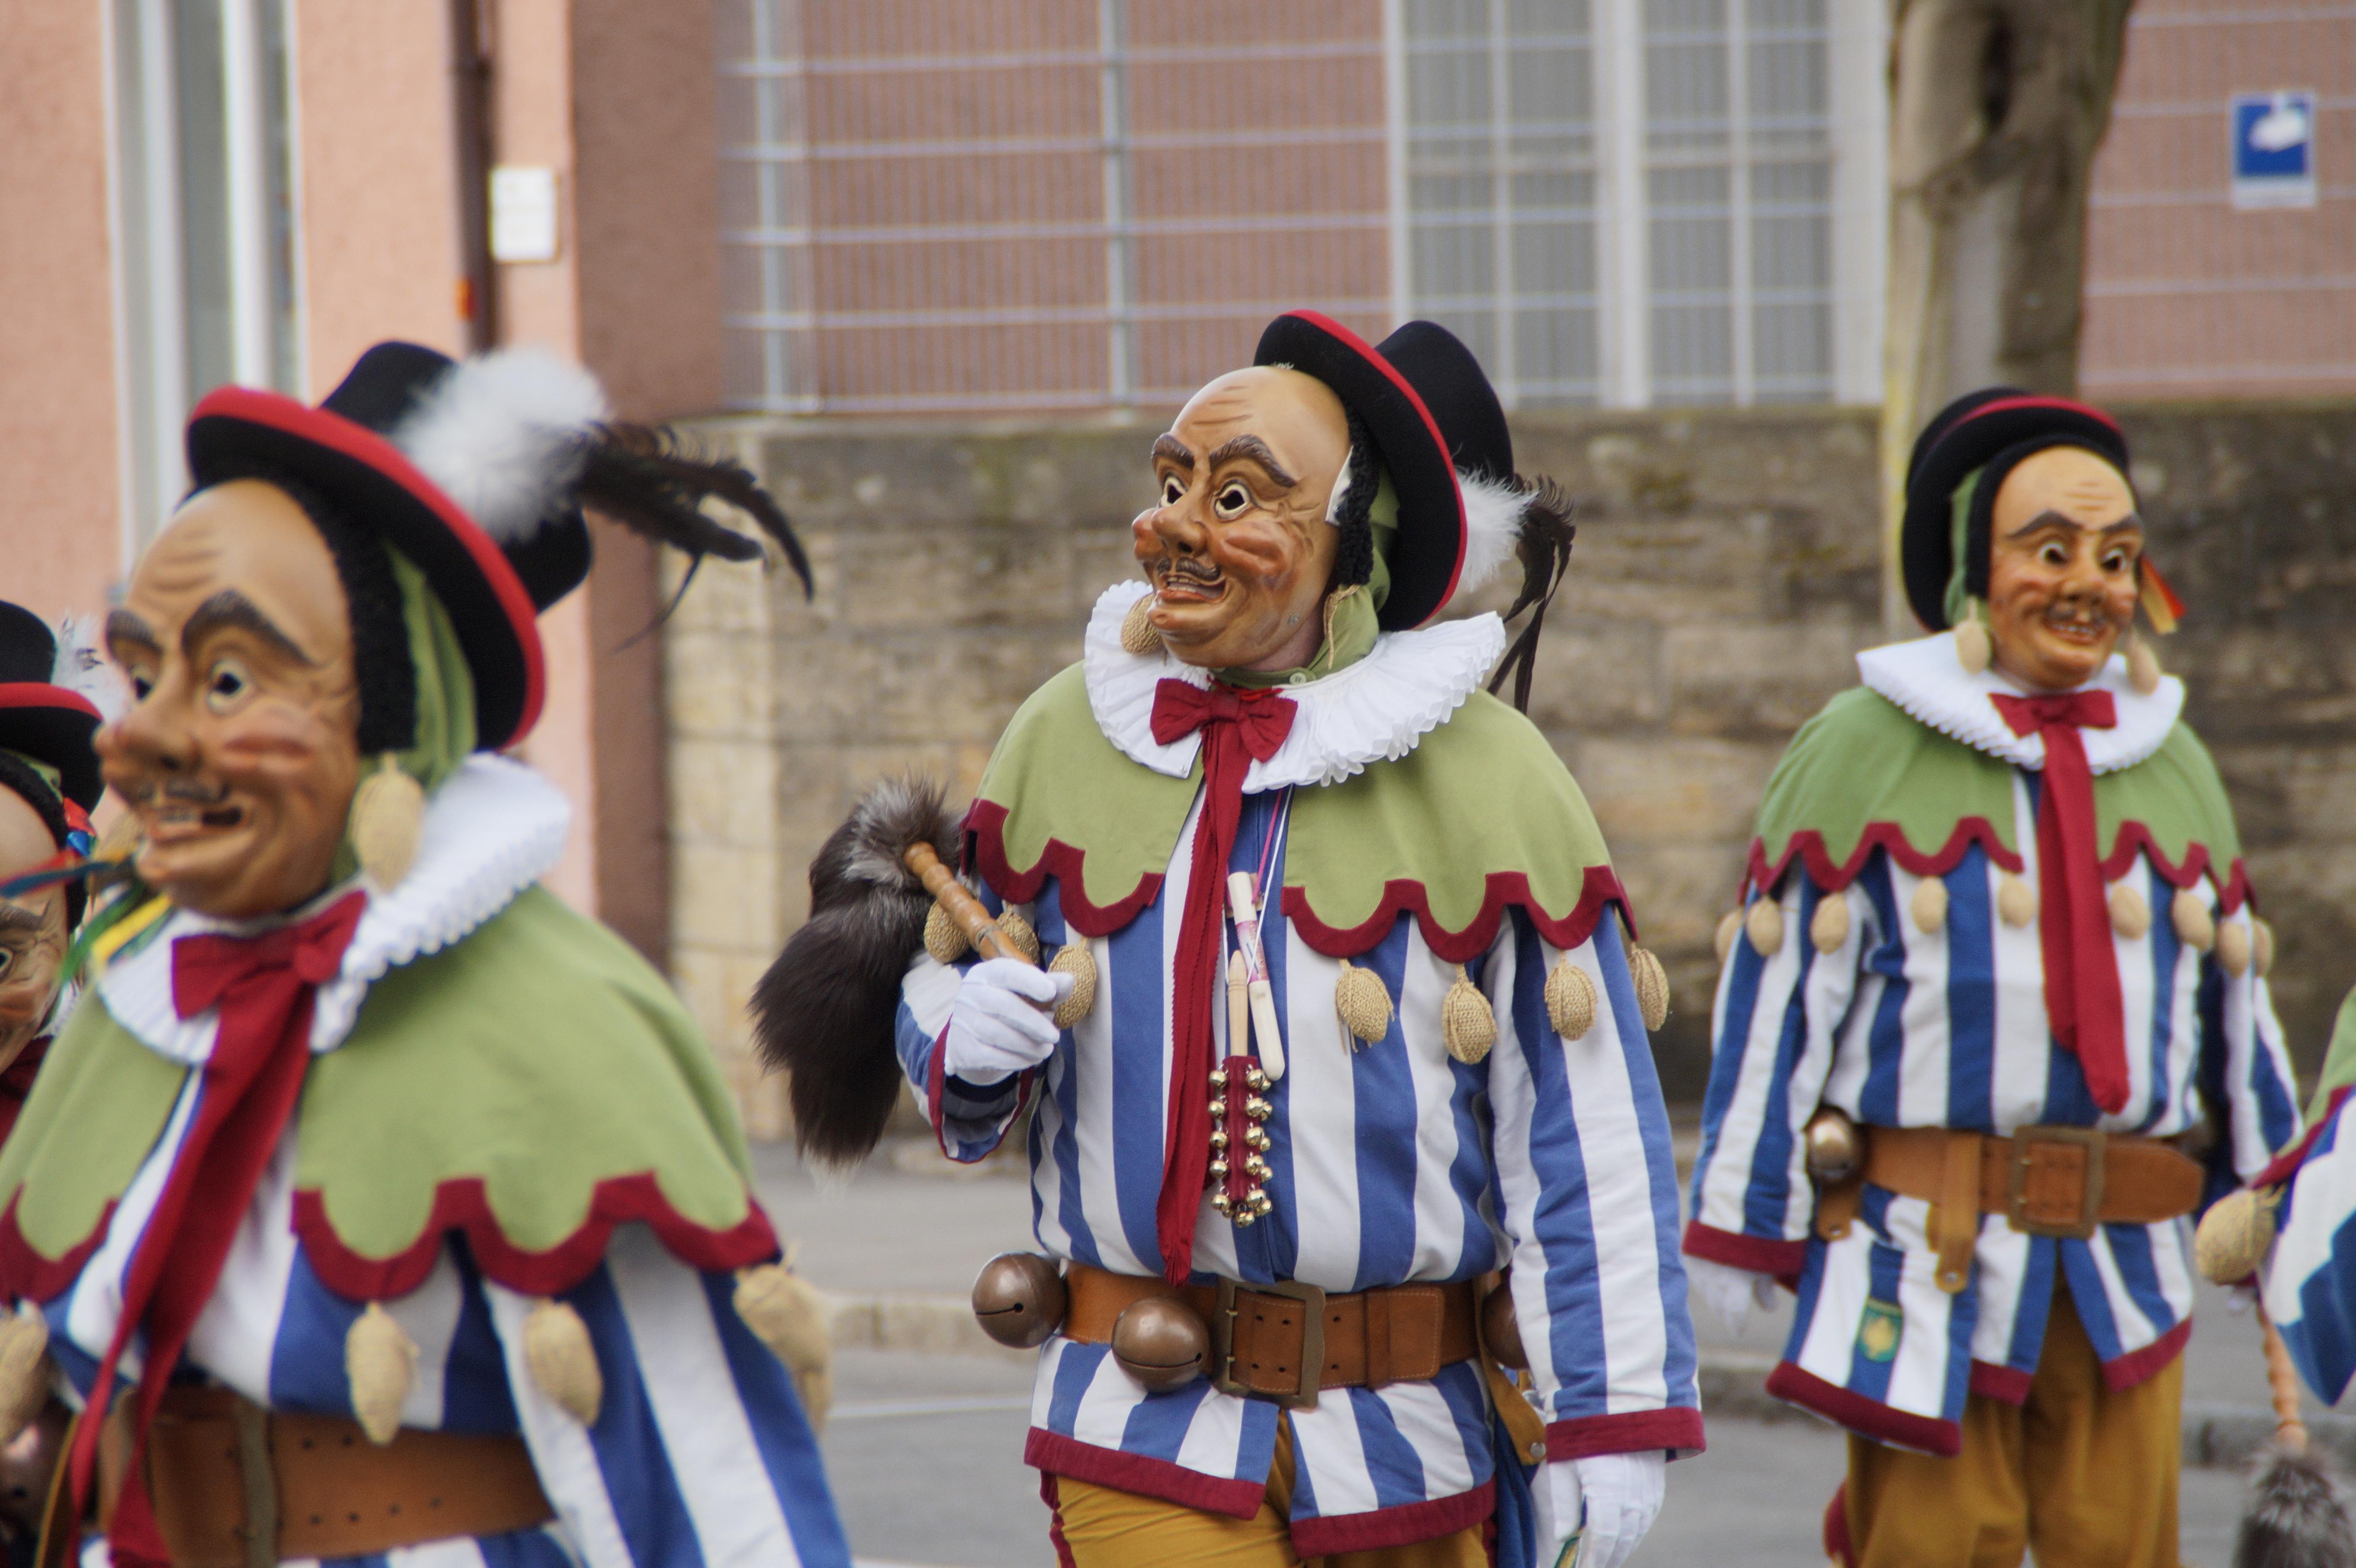 Kostenlose foto : Karneval, Verkleidet, Gesicht, Männer, Festival ...